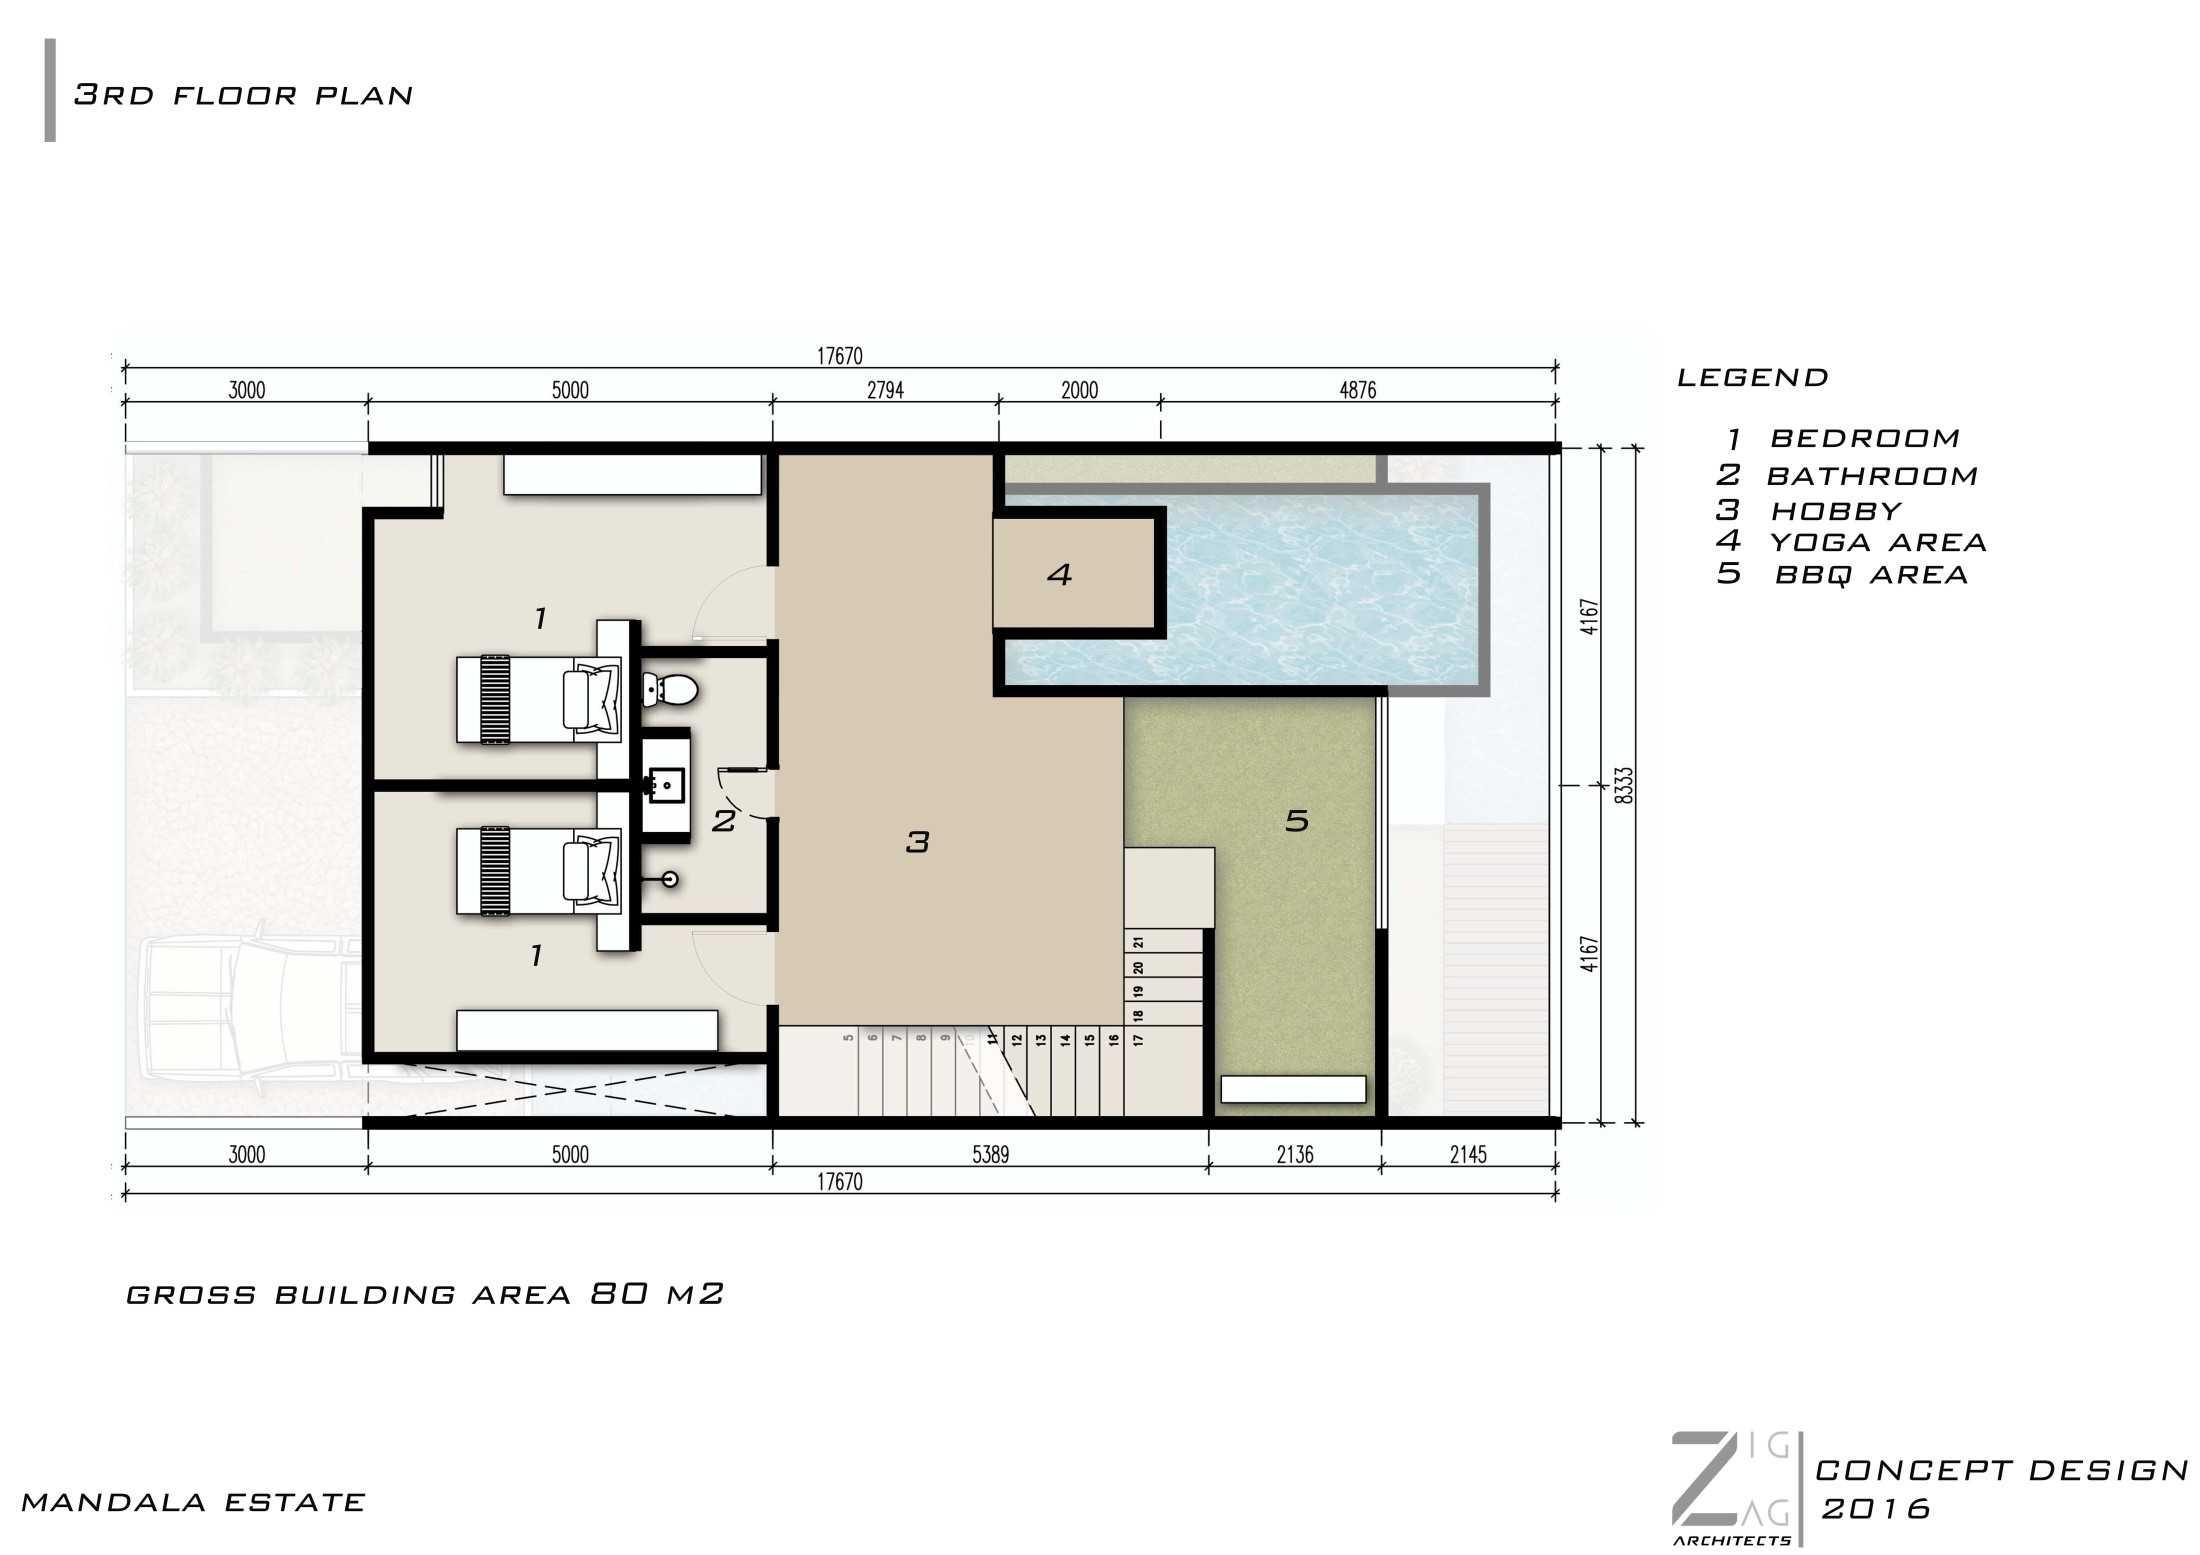 Zigzag Architecture Studio Mandala Estate Ubud, Kabupaten Gianyar, Bali, Indonesia Ubud, Kabupaten Gianyar, Bali, Indonesia Zigzag-Architecture-Studio-Mandala-Estate  56158